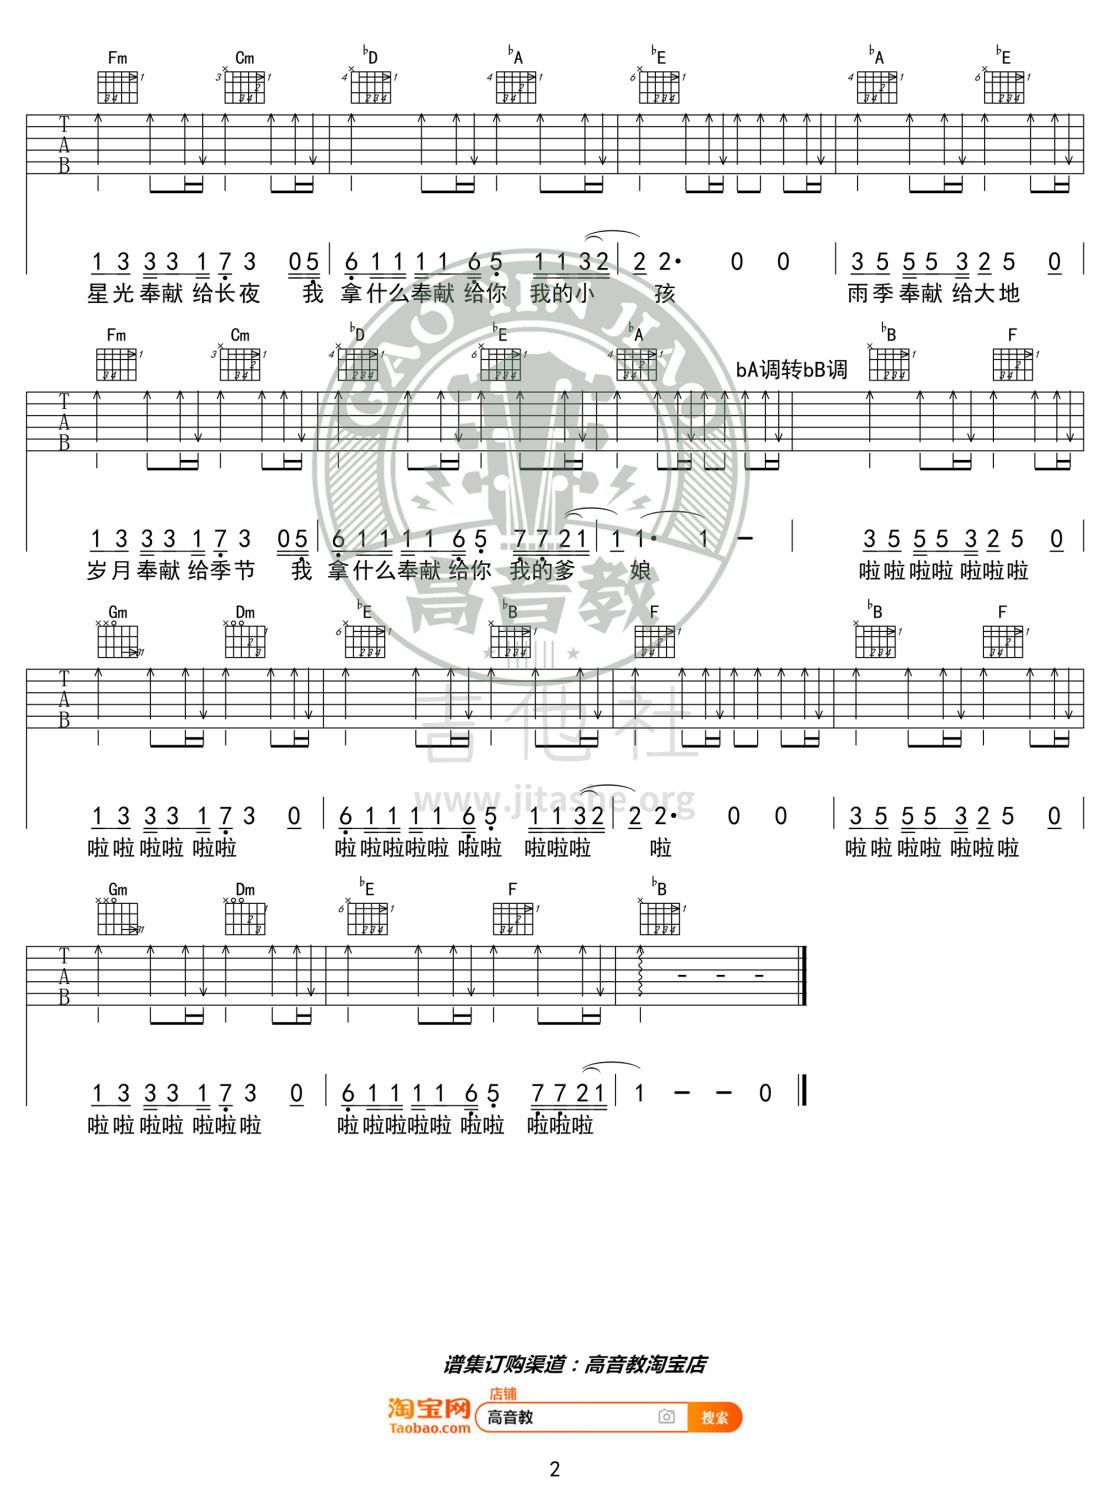 奉献(电影《飞驰人生》片尾曲)吉他谱(图片谱,弹唱,G调,精华版)_韩寒_《奉献》G调精华版02.jpg